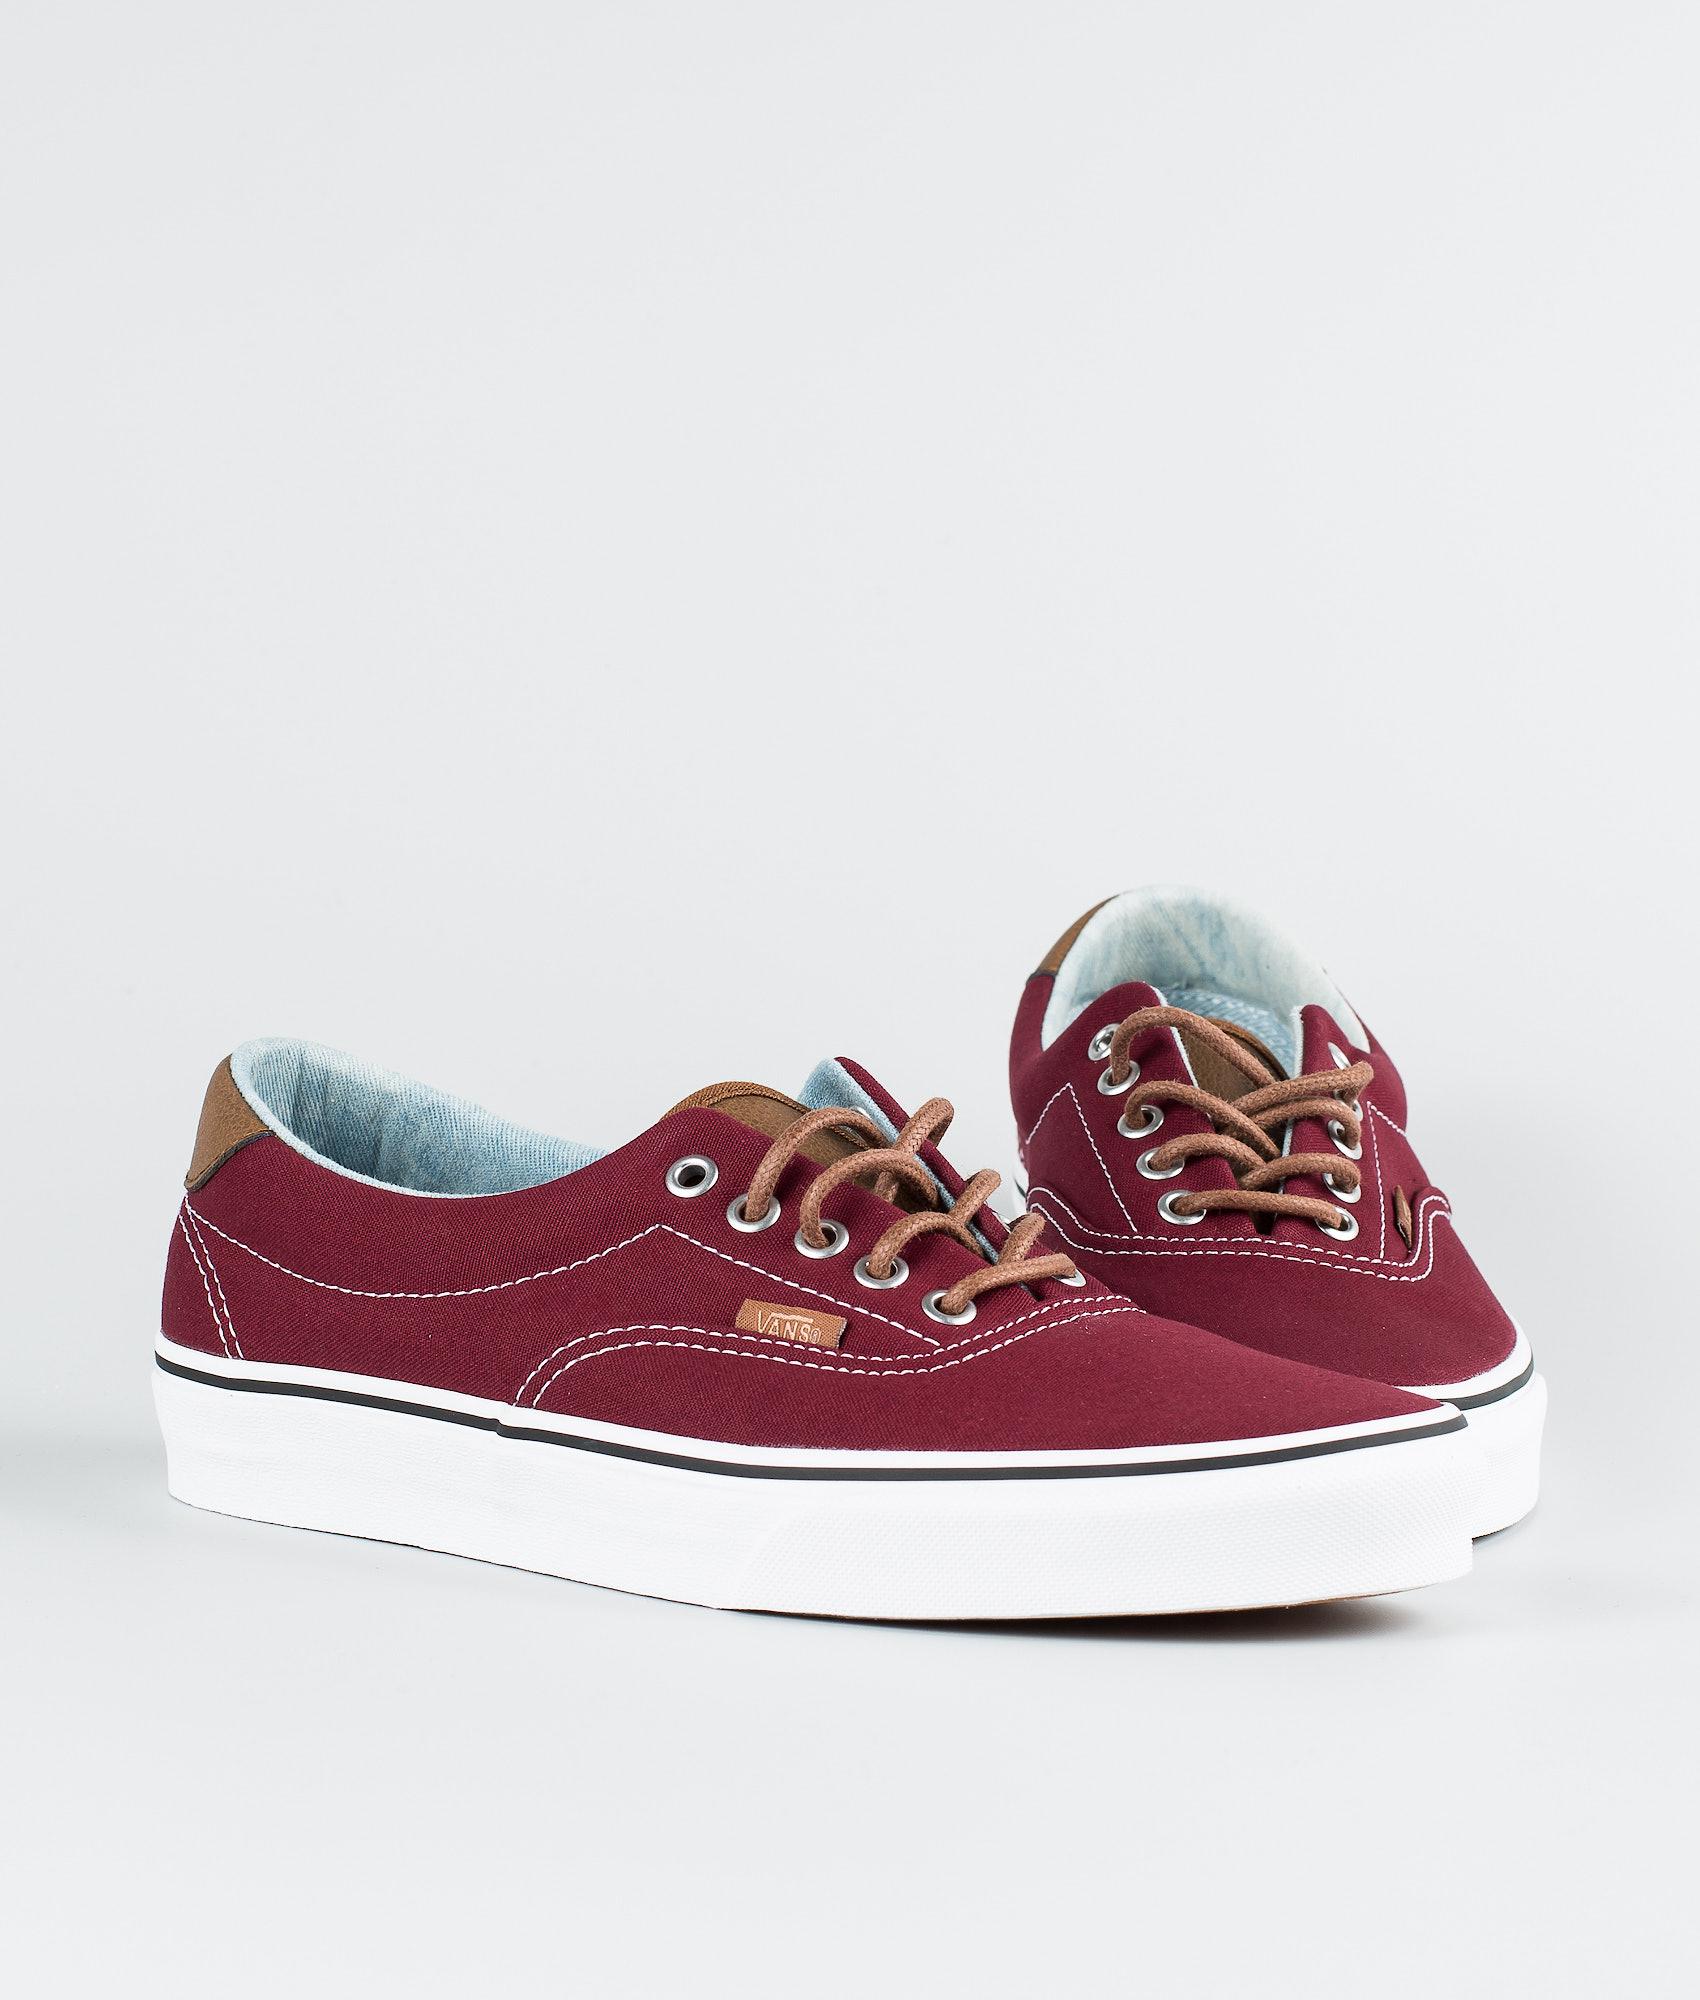 da30a060d0 Vans Era 59 Shoes (C L) Port Royale Acid De - Ridestore.com